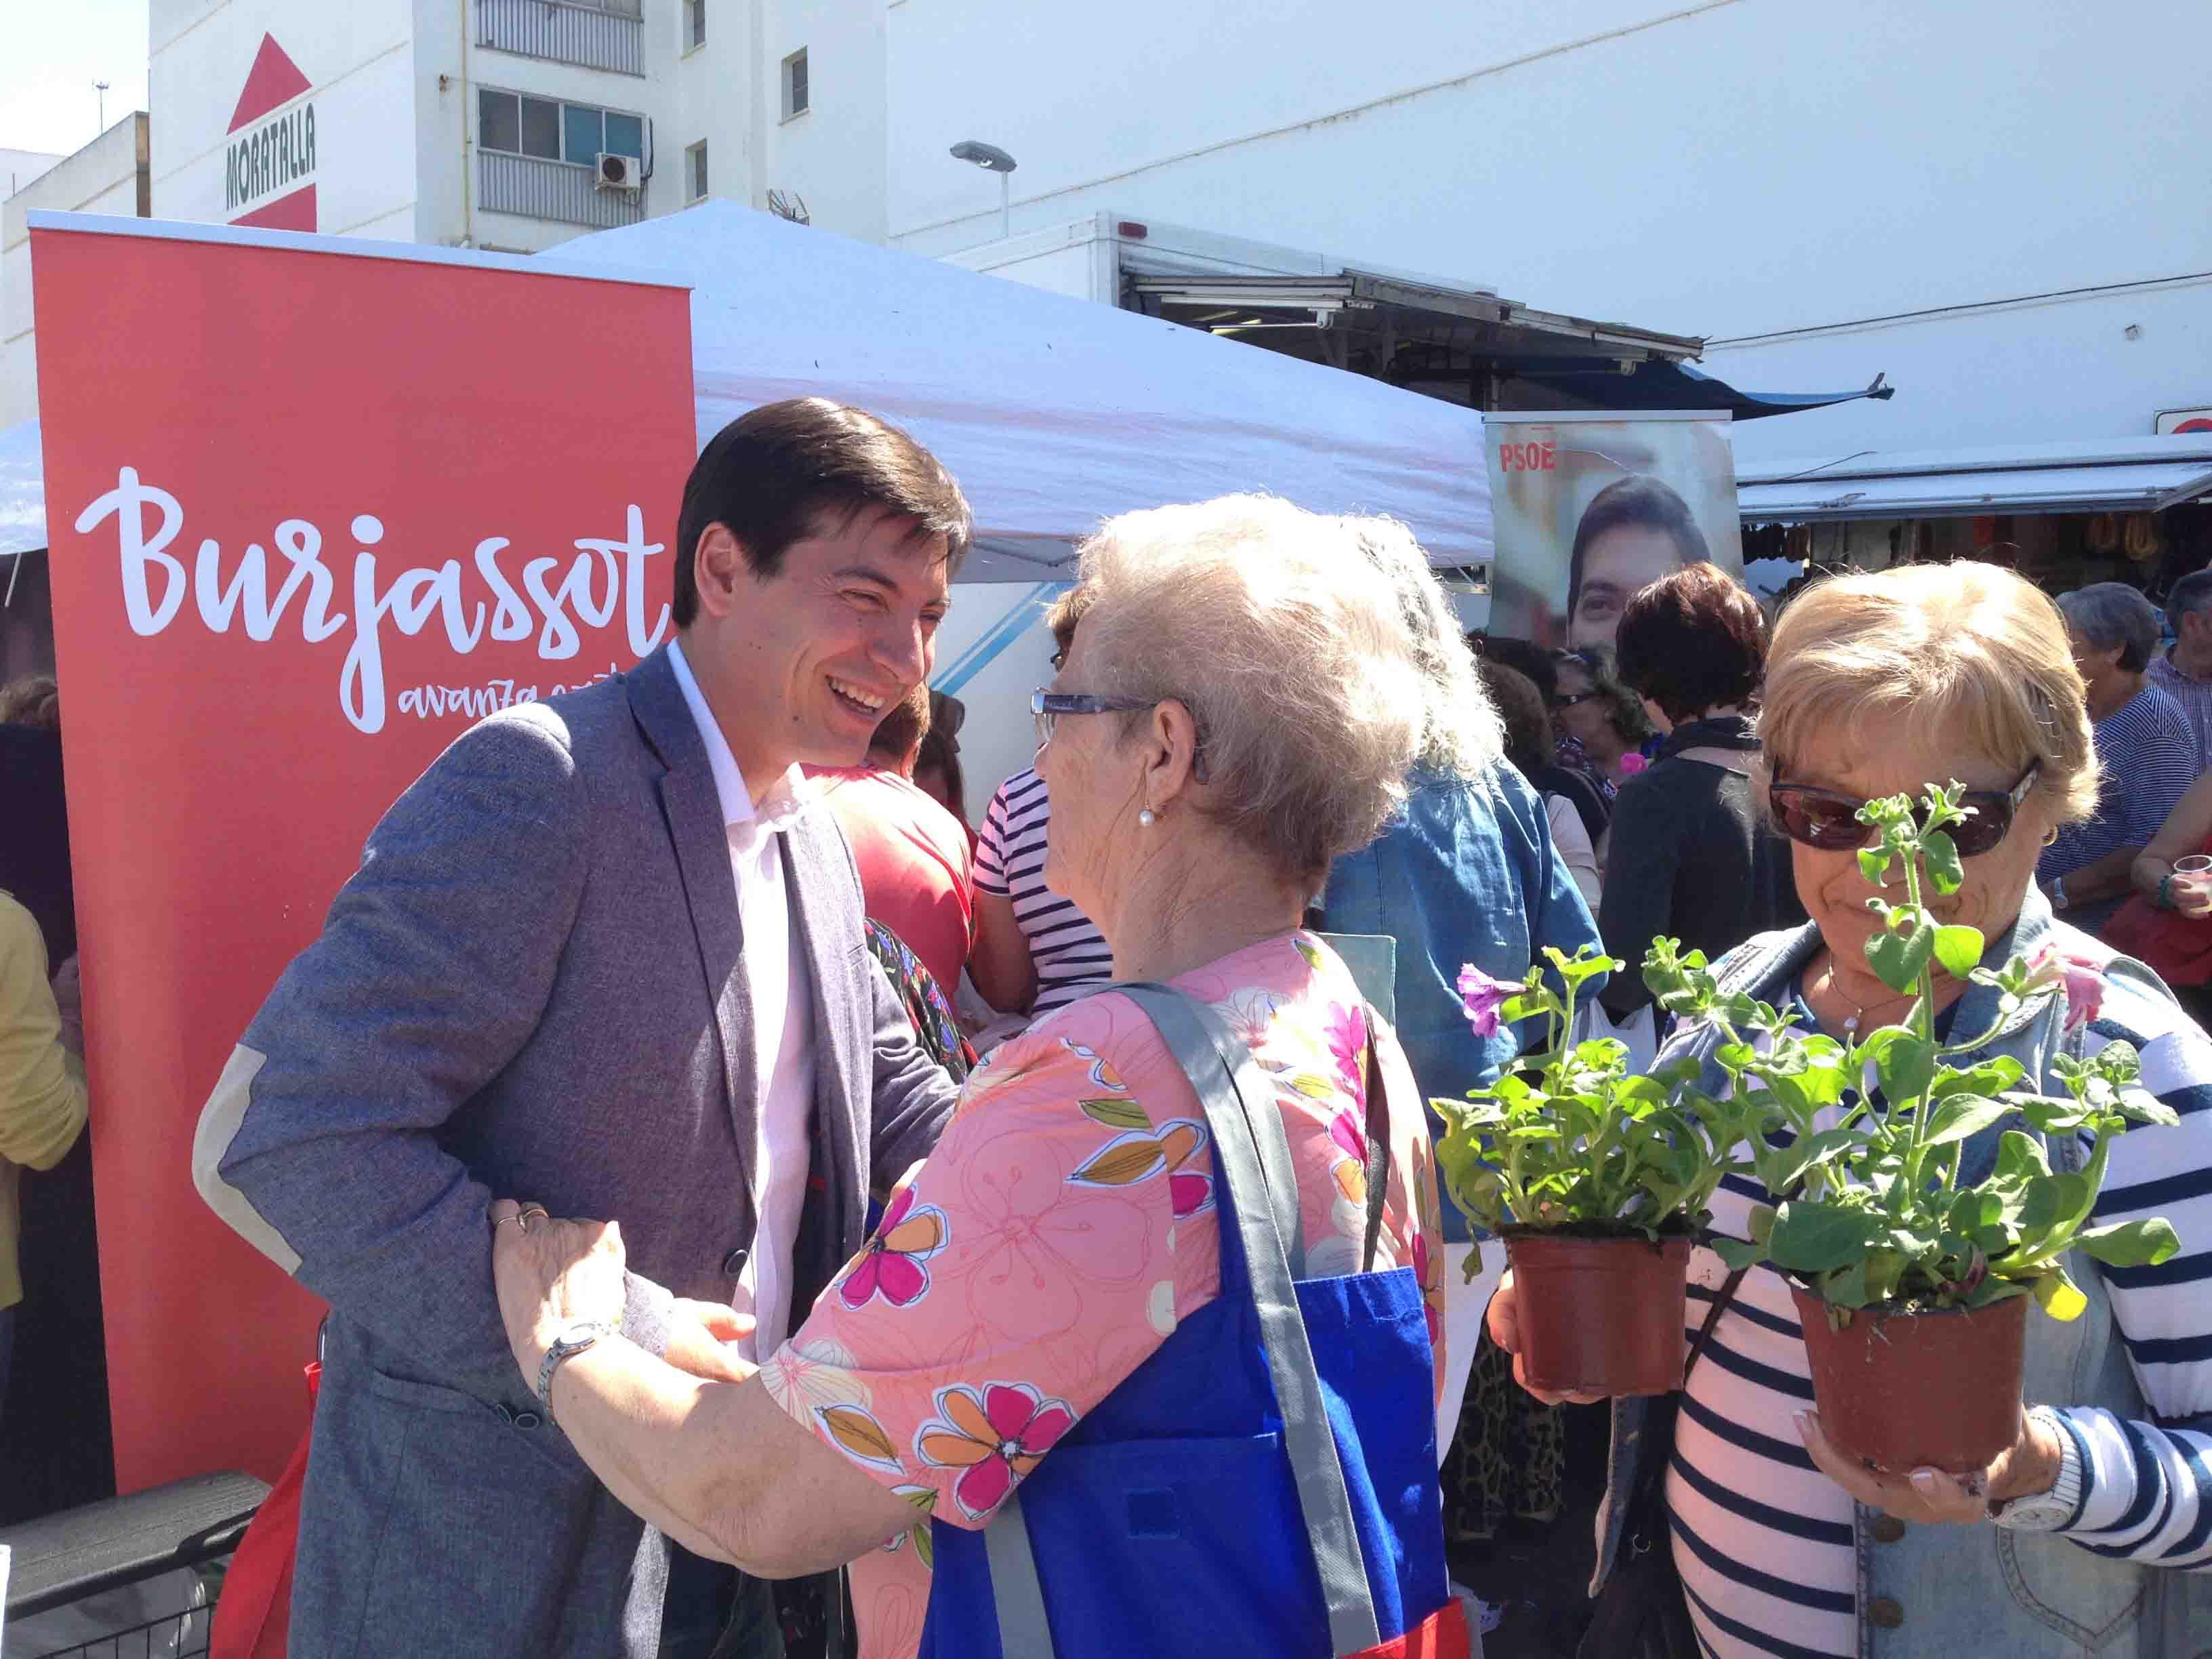 Los Socialistas de Burjassot se comprometen a 'una persona, un salario'